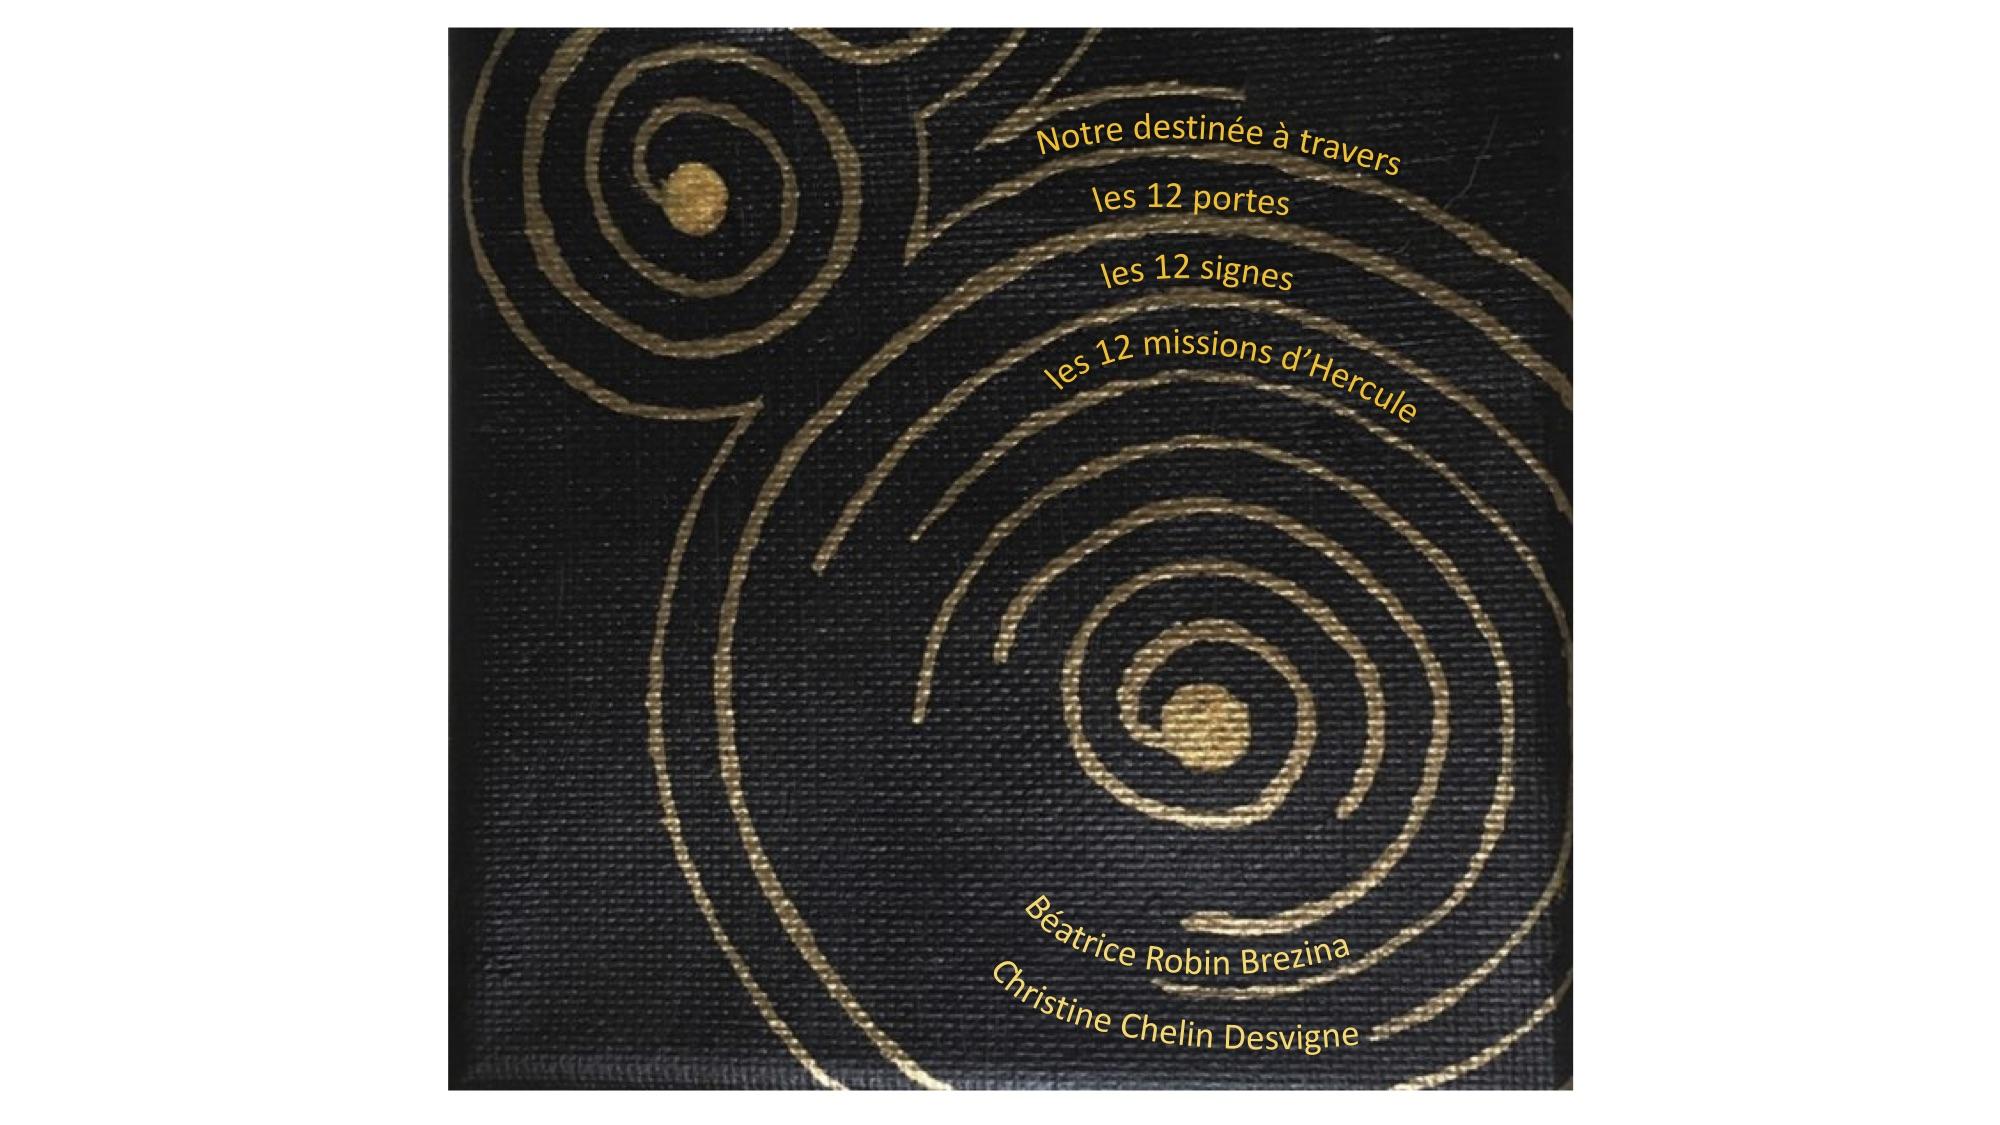 Notre Destinée à travers les 12 Portes, les 12 Signes et les 12 missions d'Hercule.